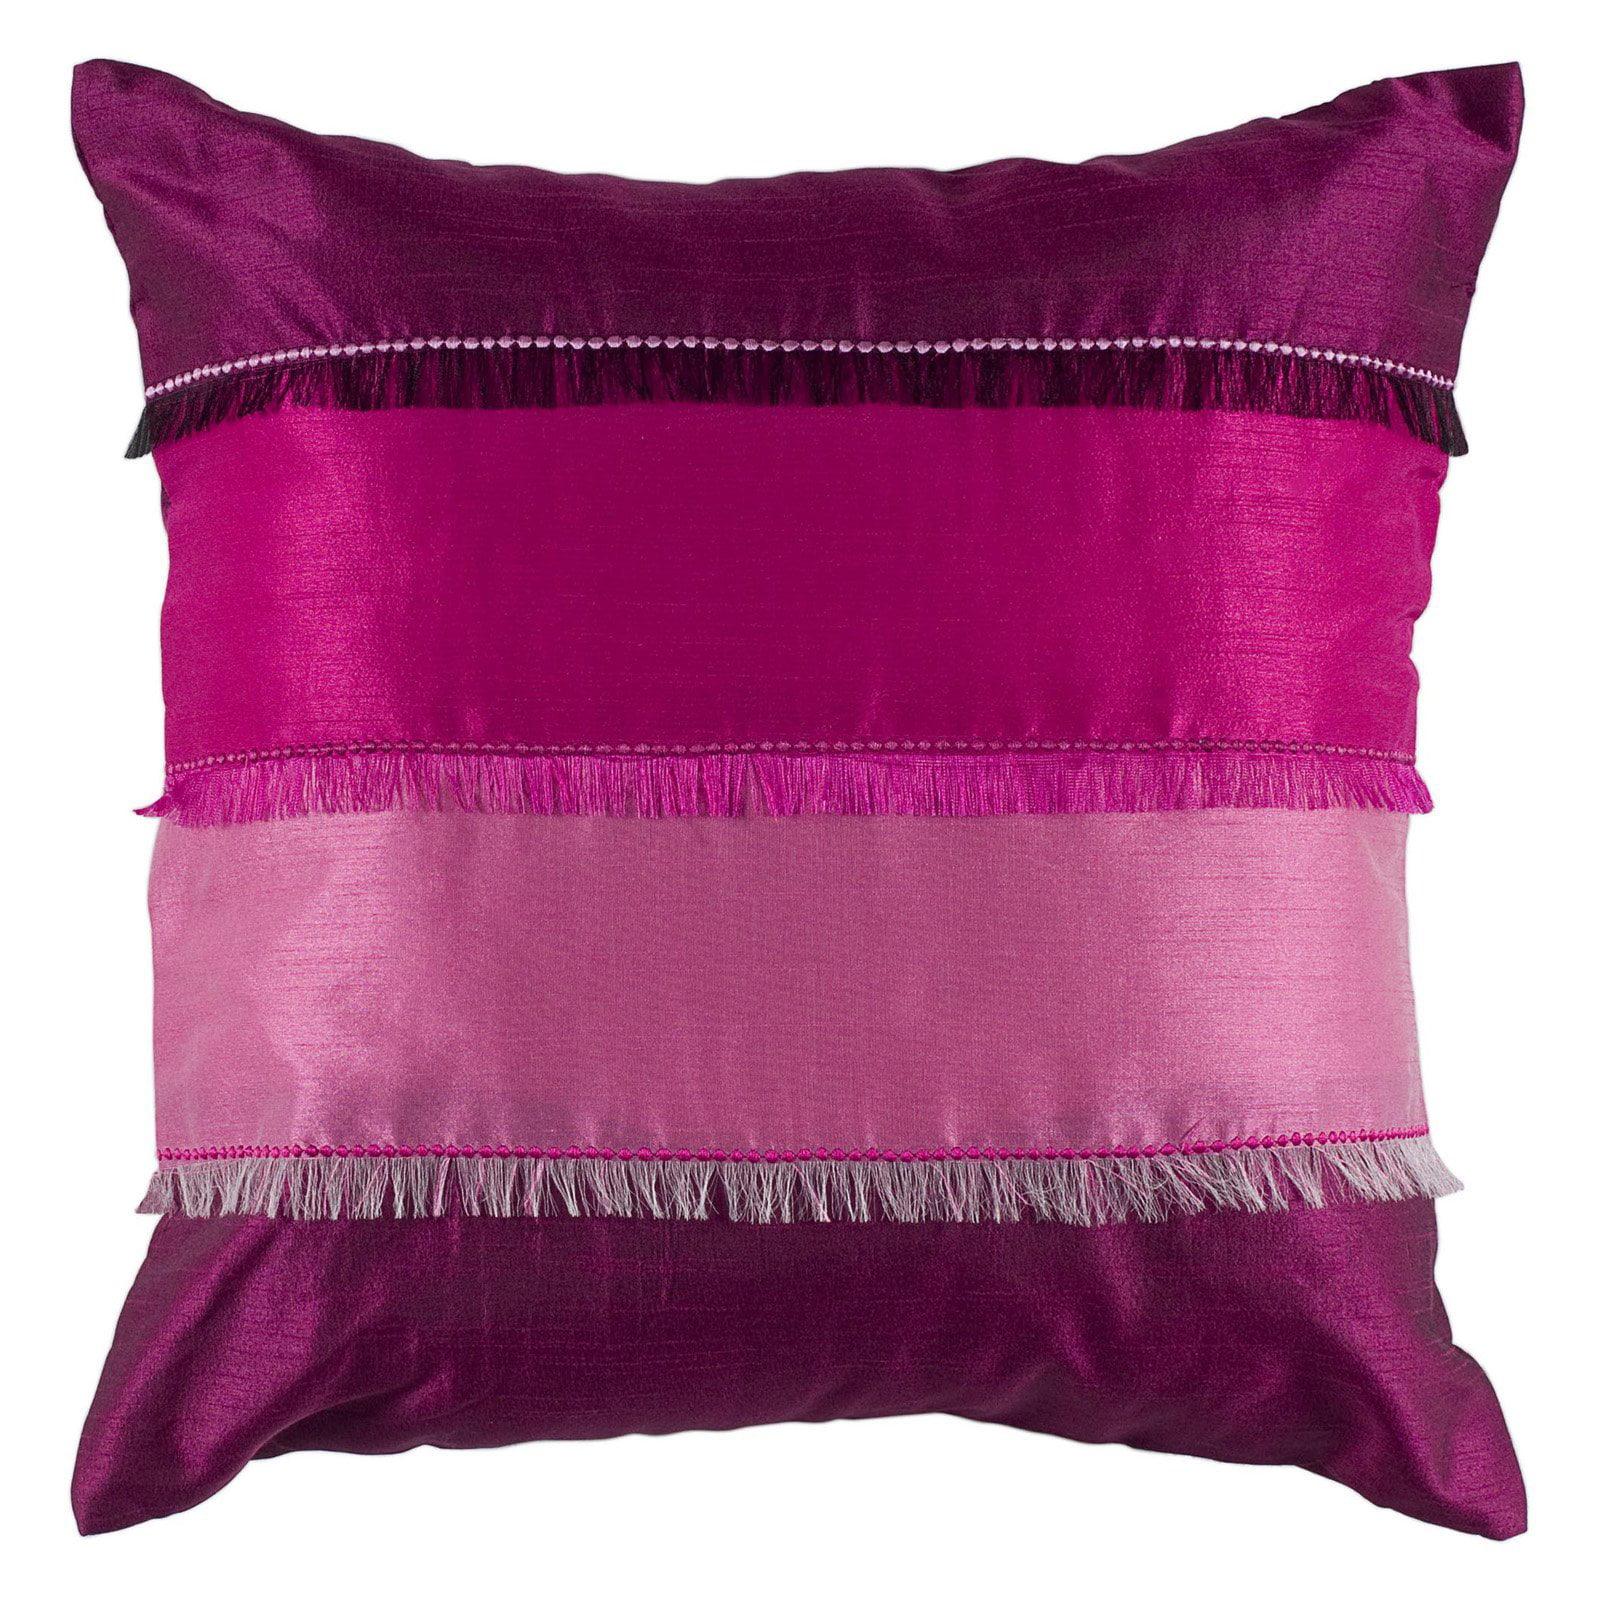 Wildon Home  Demie  Throw Pillow